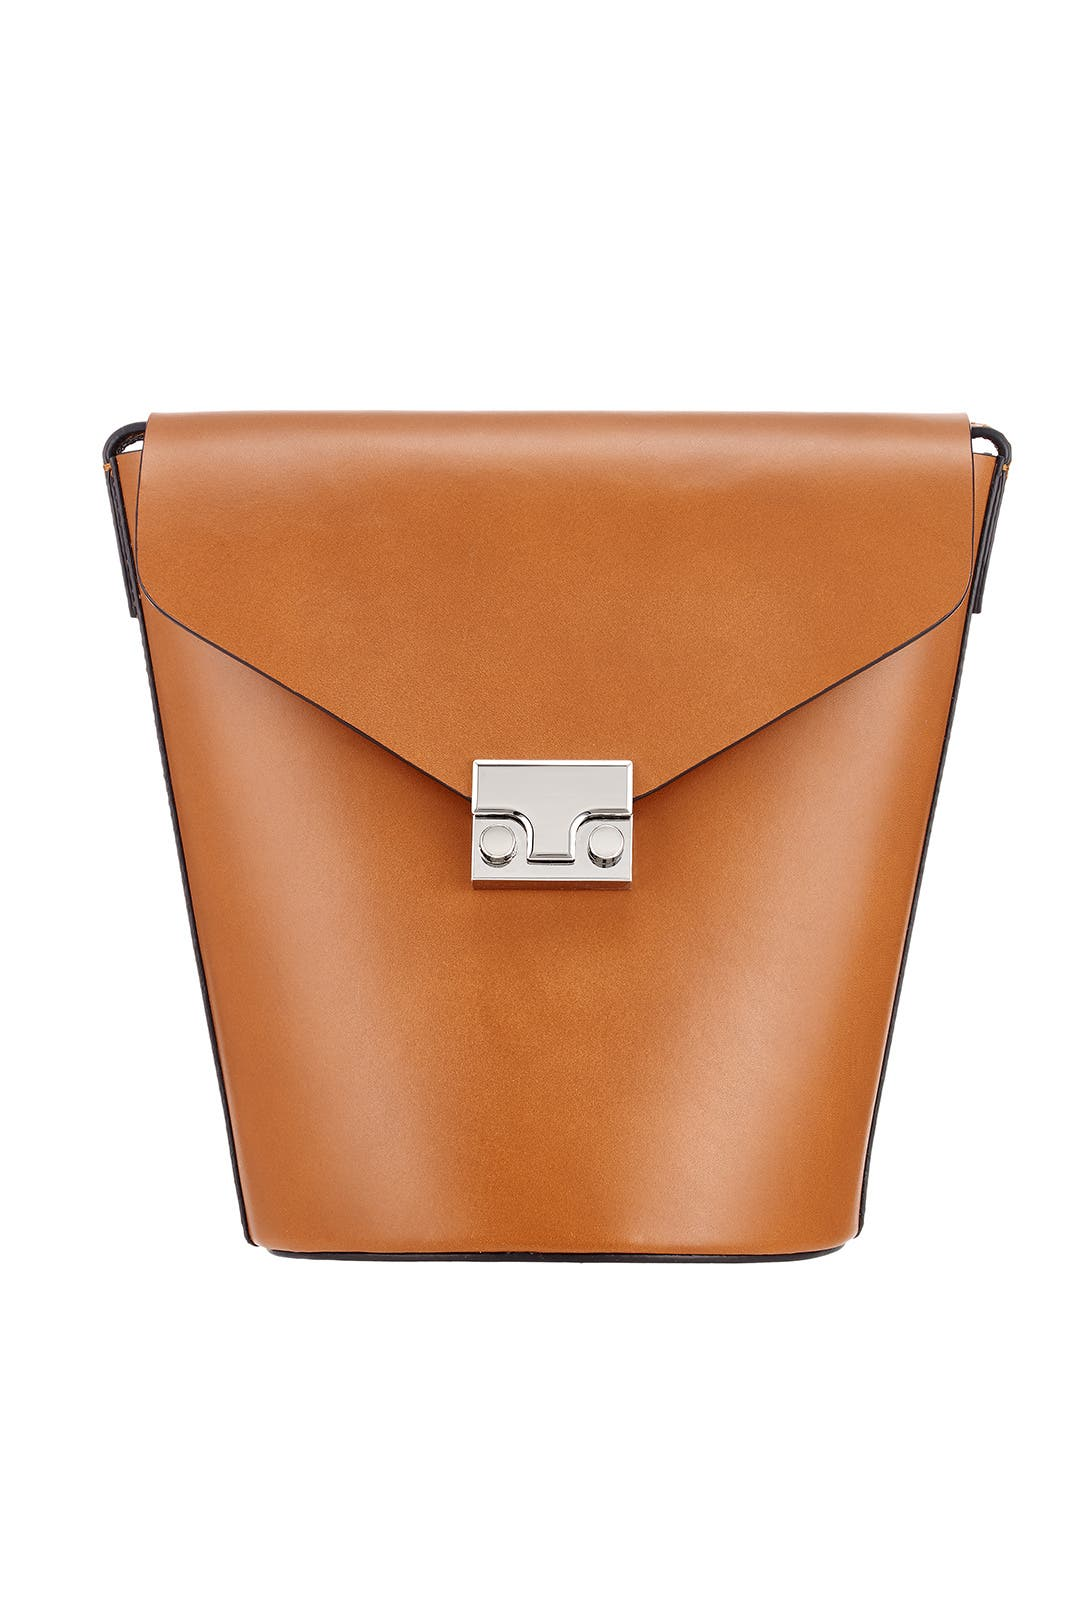 Brown Flat Bucket Bag by Loeffler Randall